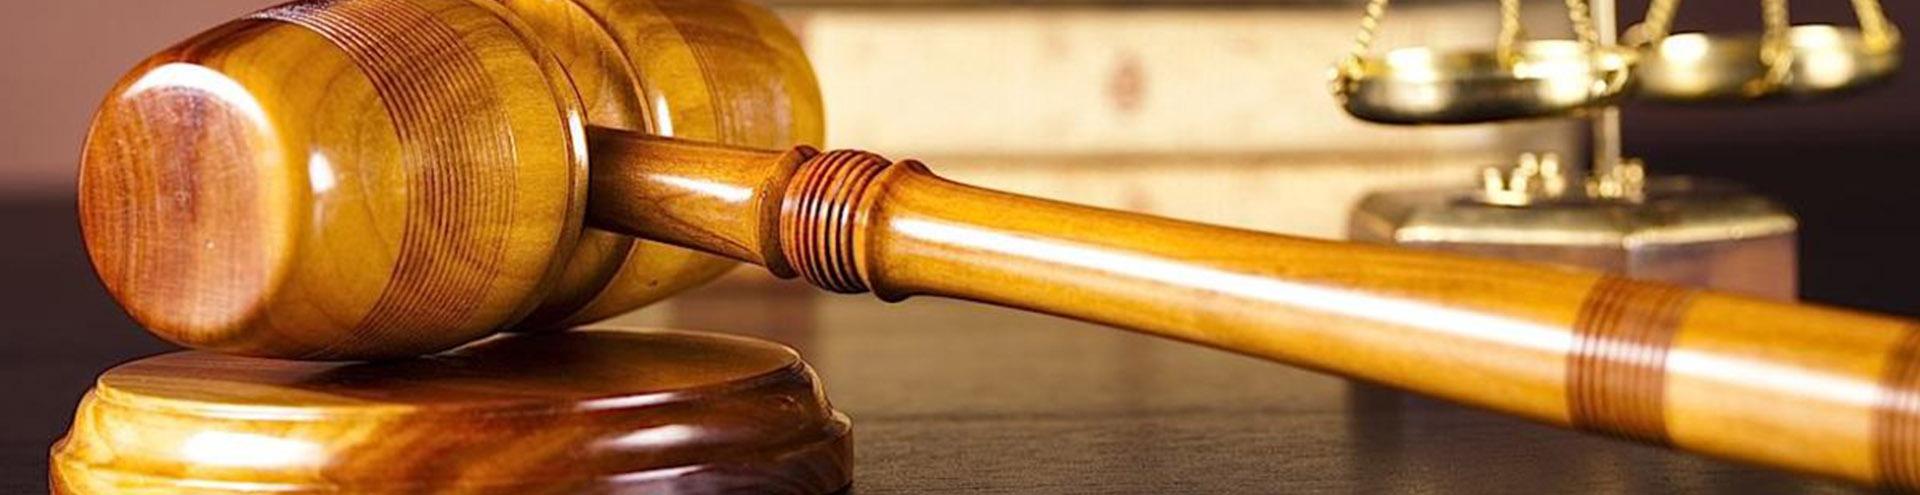 обжалование решения суда в Нижнем Новгороде и Нижегородской области